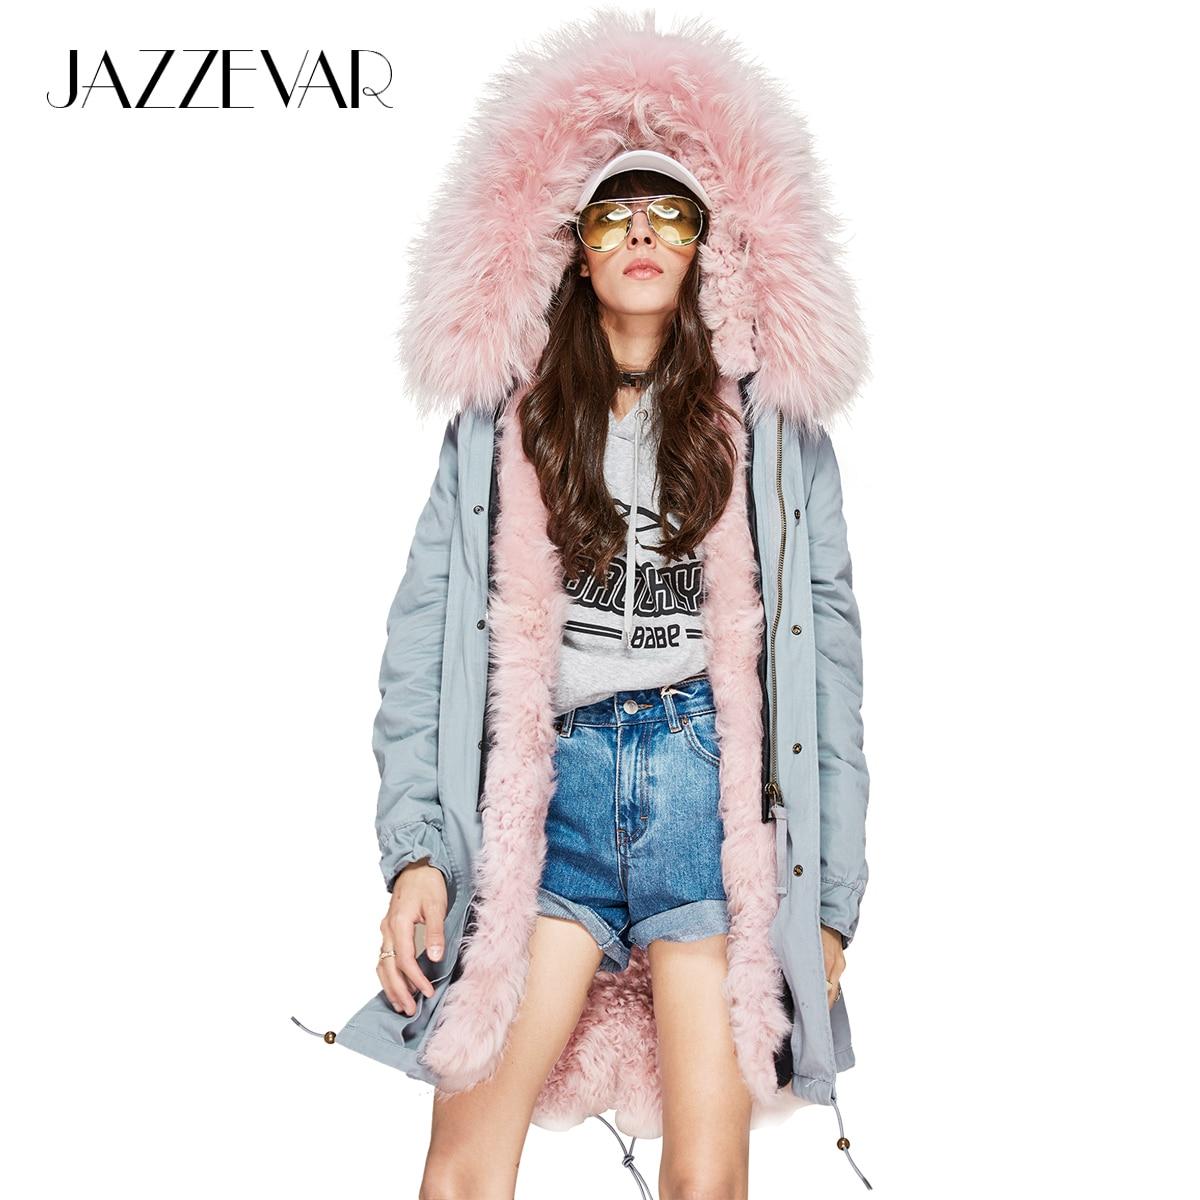 JAZZEVAR 2019 New Winter high Fashion Women s lambskin lamb fur parka midi real raccoon fur